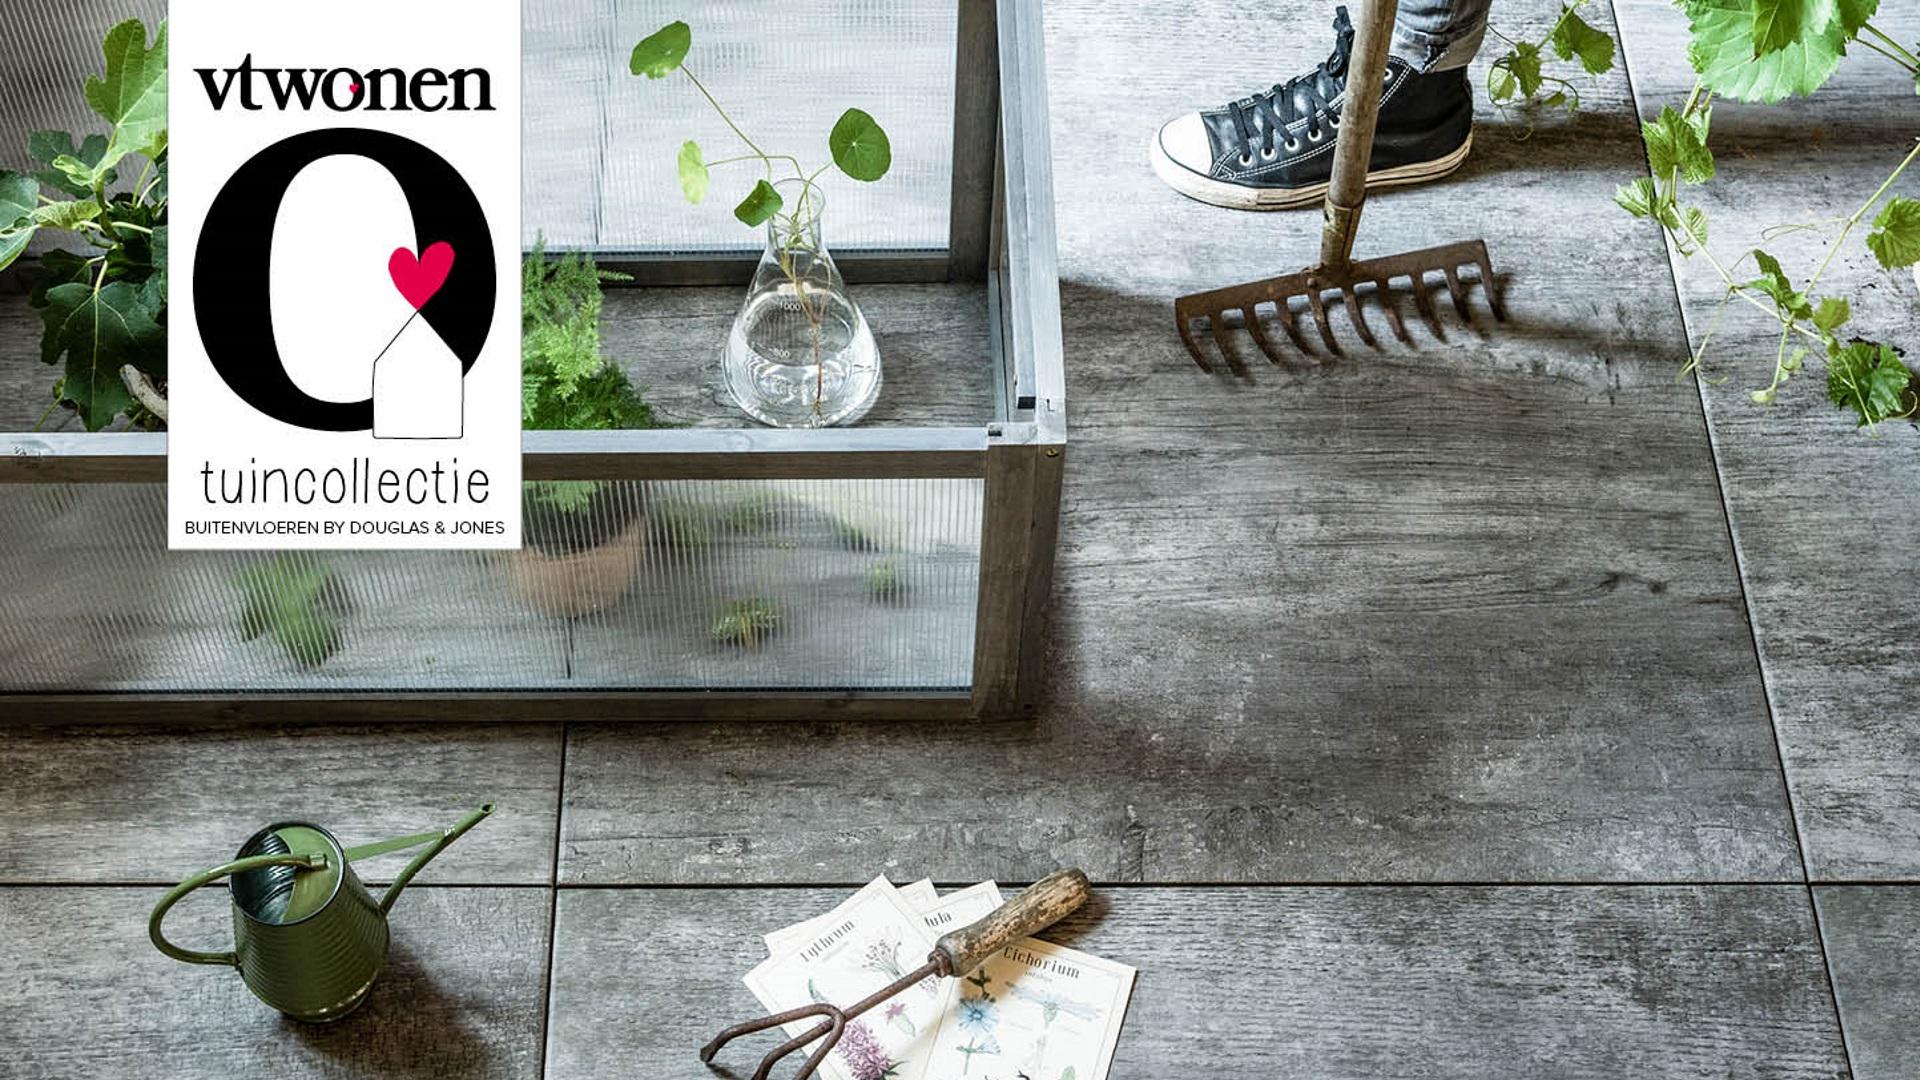 Tuinkamer van vtwonen te bezichtigen bij de showroom van Spaansen Tuin en Bestrating in Winkel